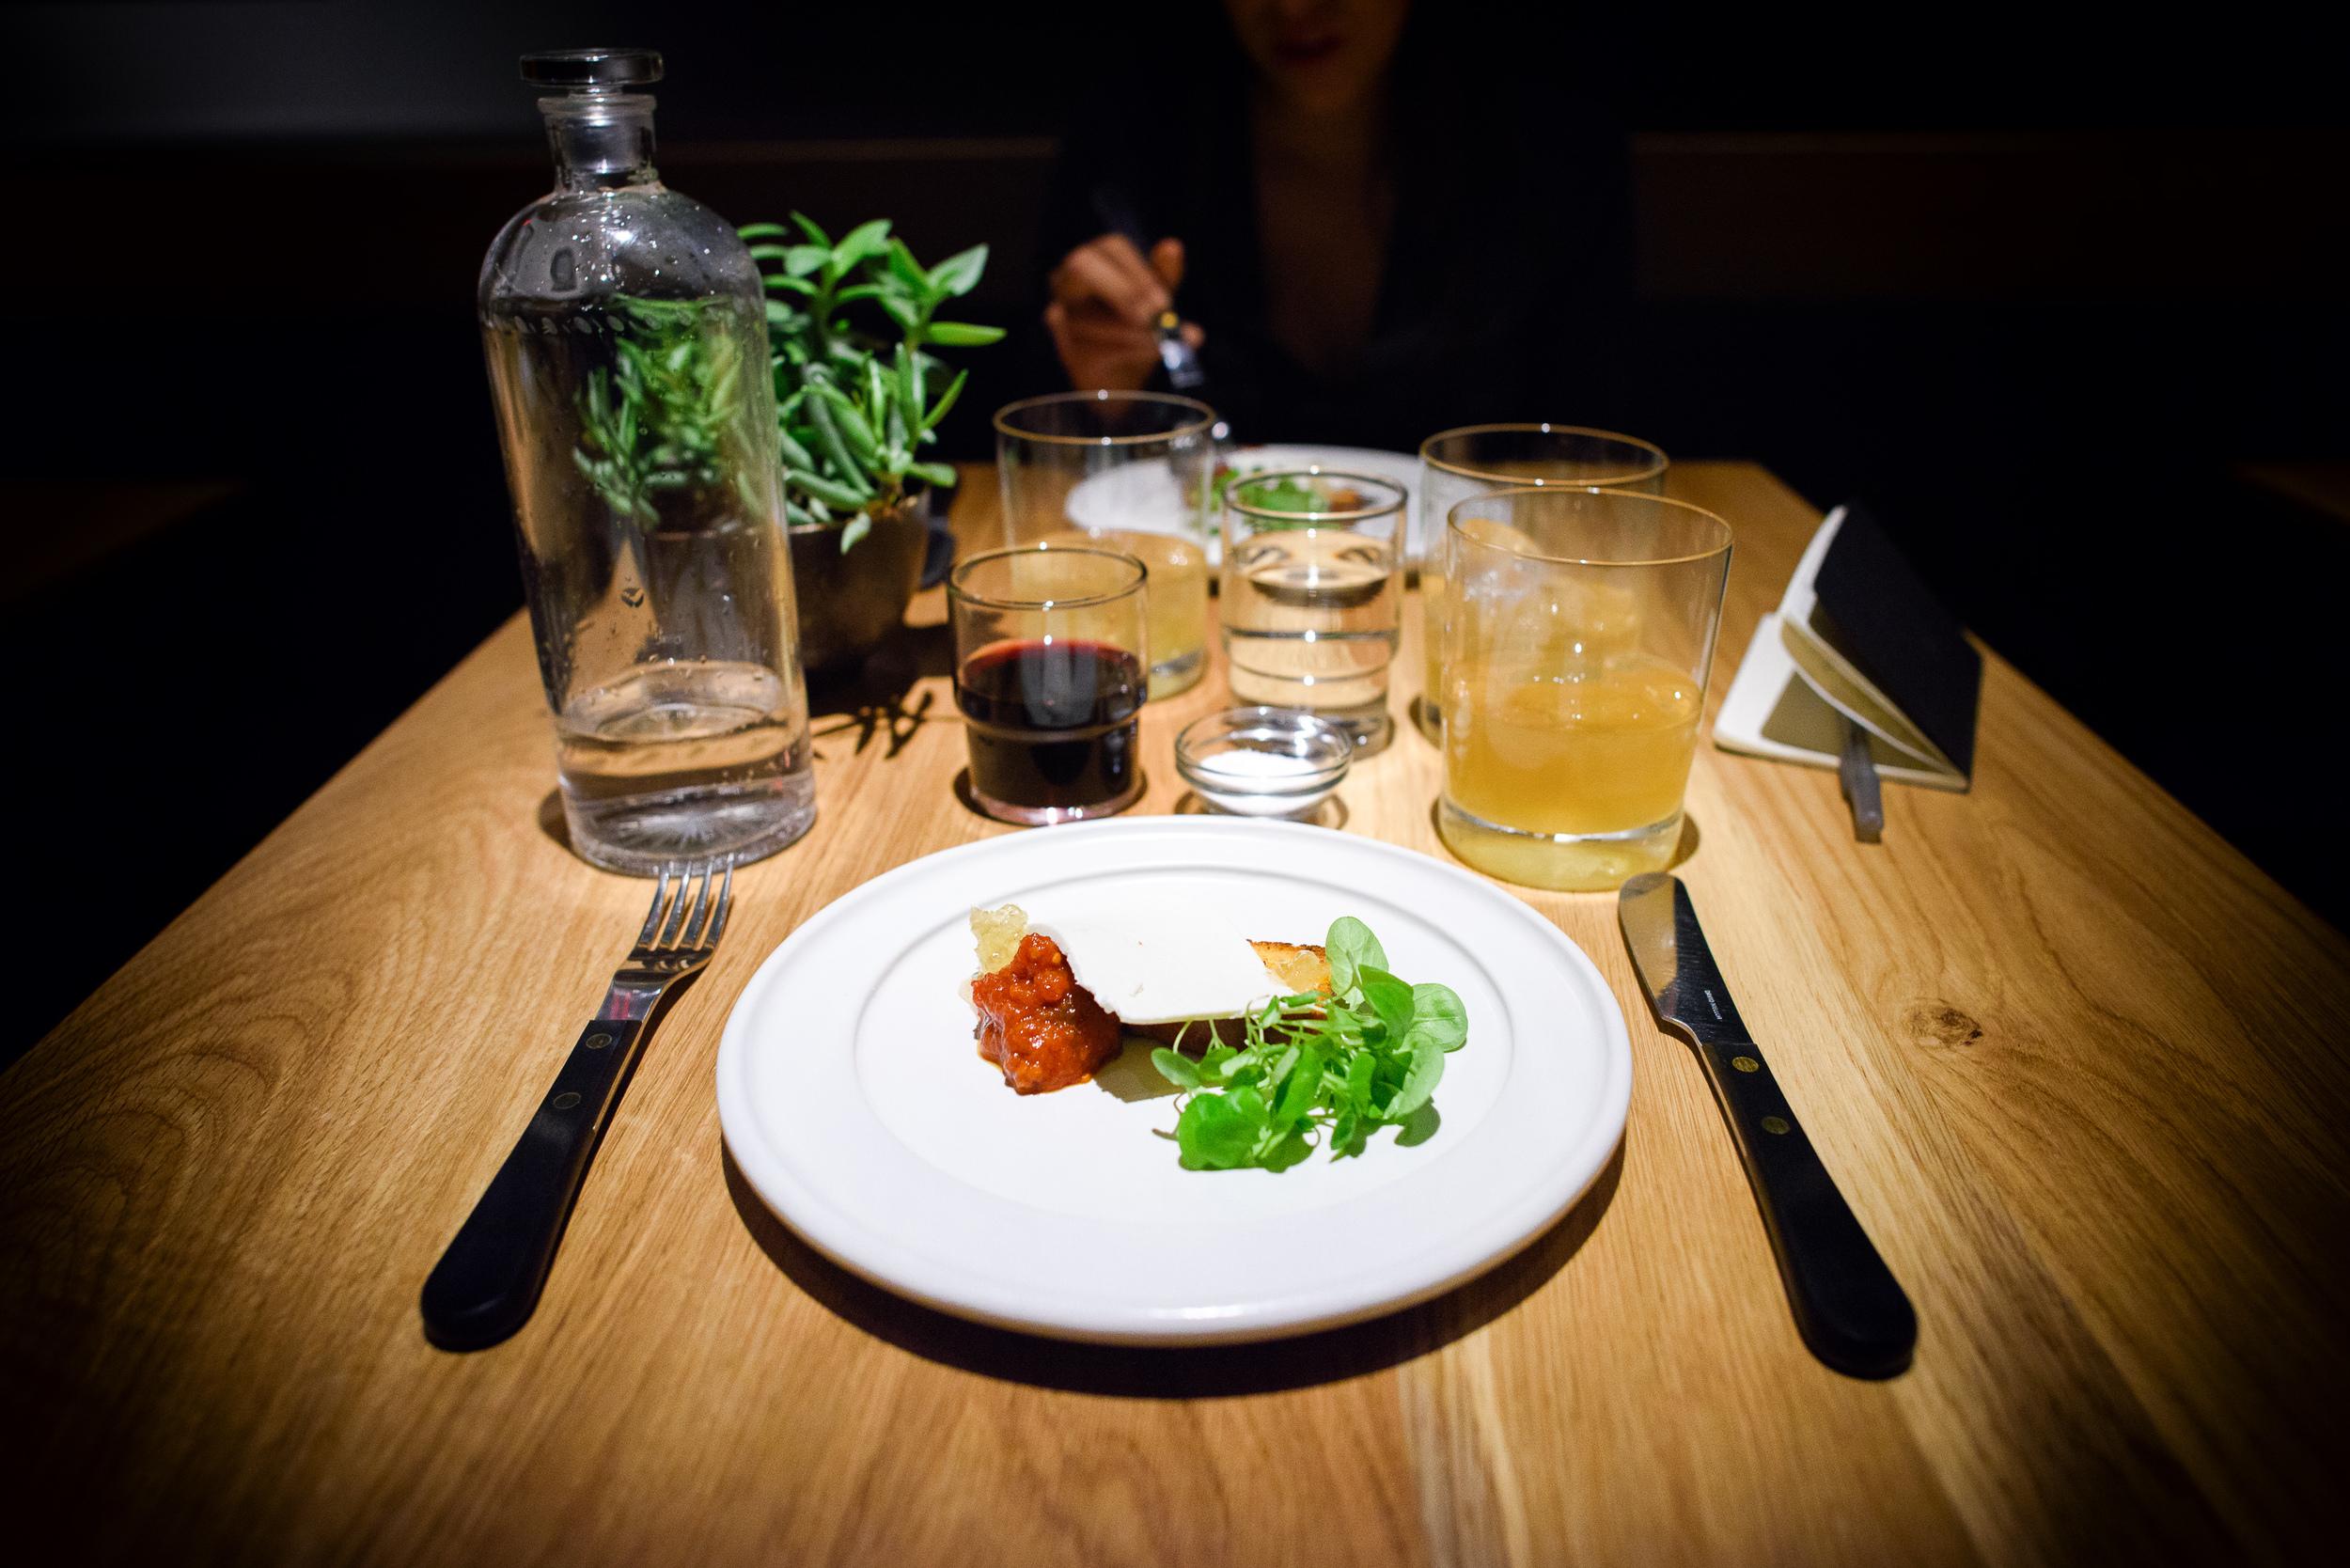 5th Course: Ricotta salata, brioche con mermelada de fruta y de